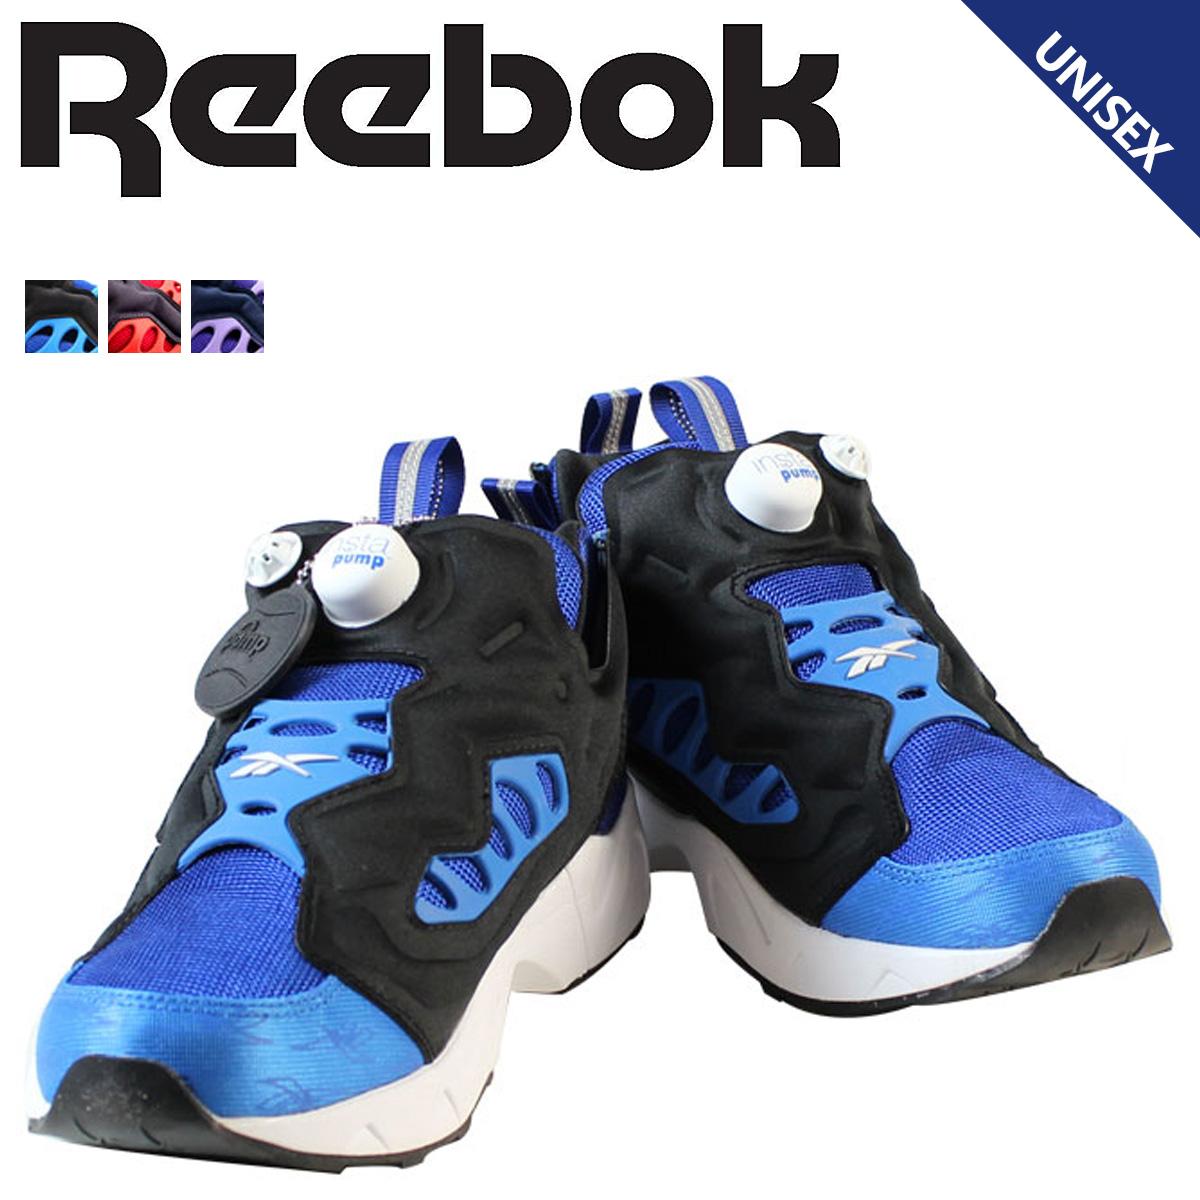 dec41e2749e13 リーボックReebok楽天最安値送料無料激安正規通販靴ブーツシューズスニーカーSBAIRJORDANDUNKエアー